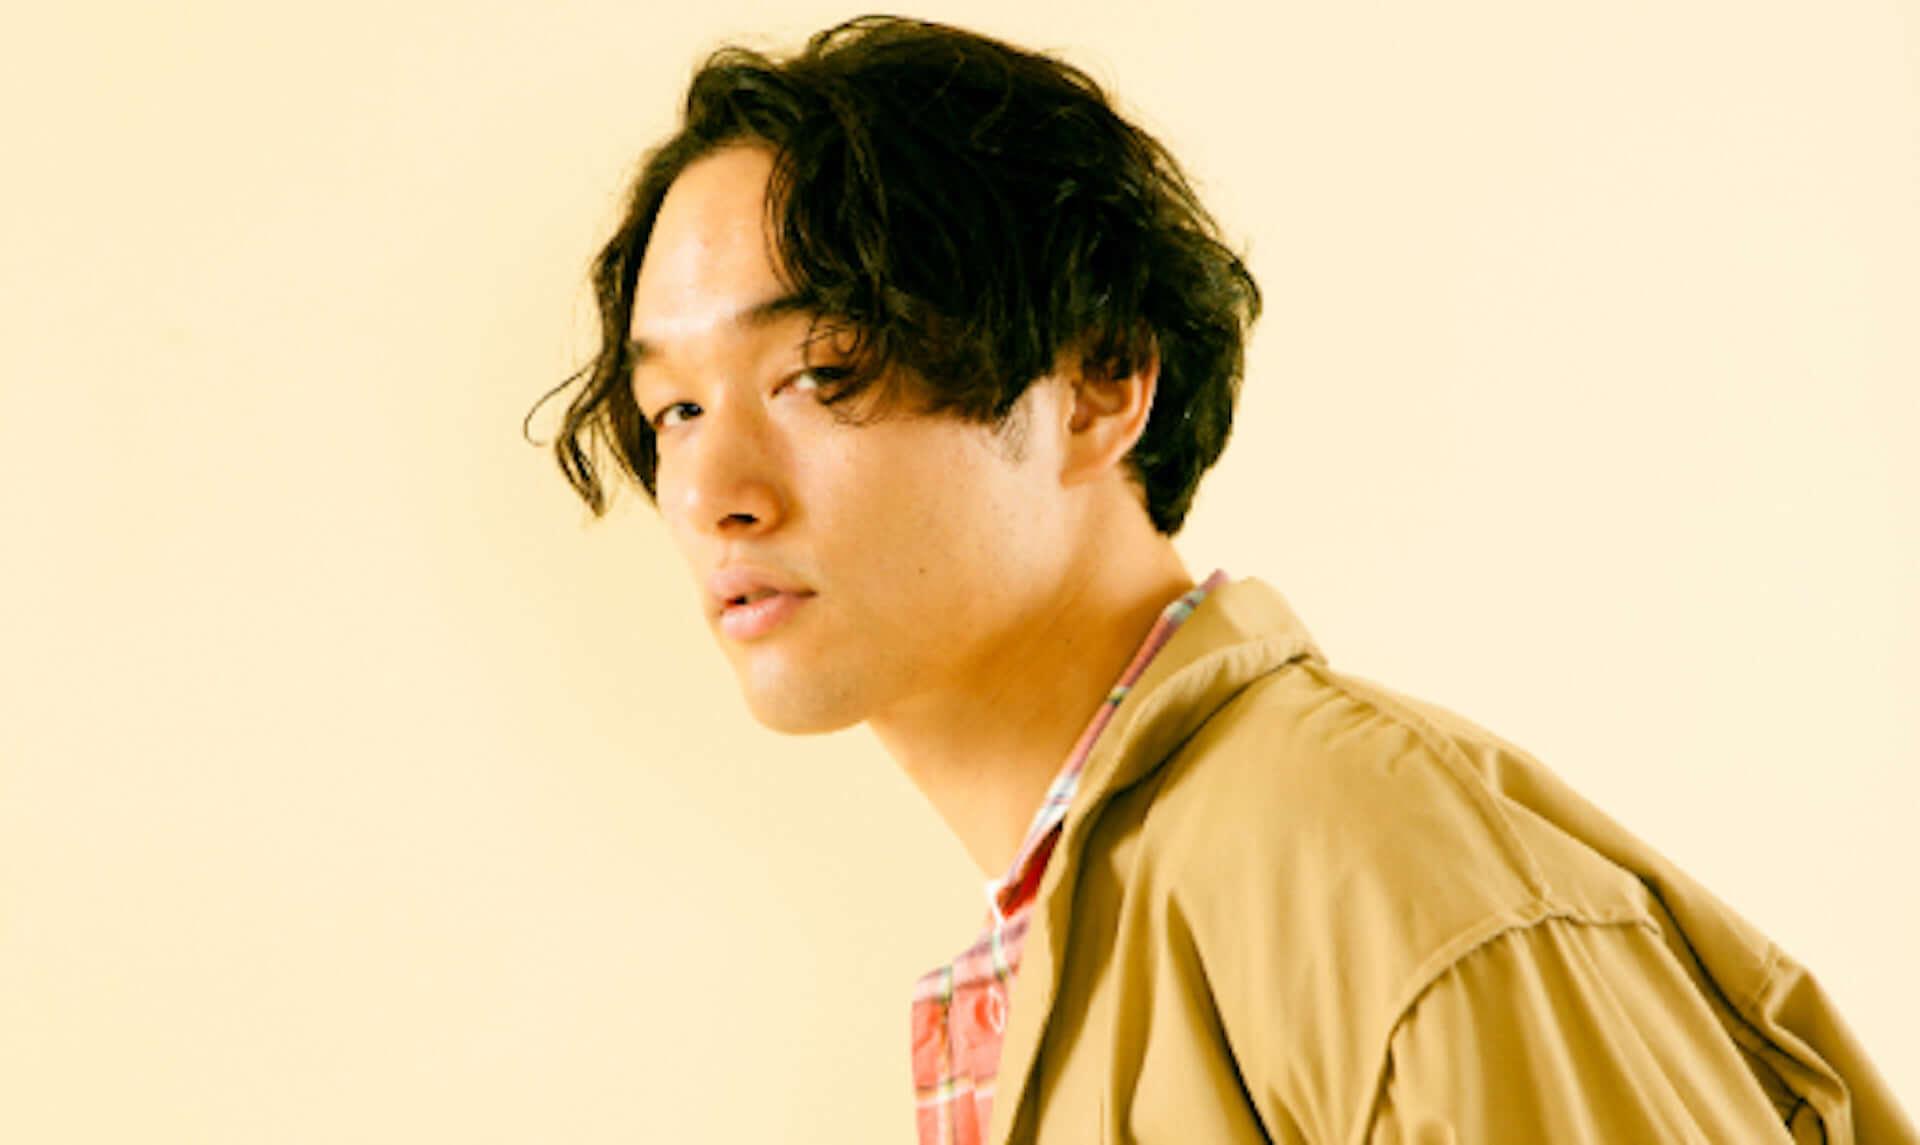 渋谷VISIONにFNCY、STUTS、okadada、大比良瑞希らが集結!<trackmaker>5周年記念イベントがクリスマスに開催決定 music201217_vision_5-1920x1145